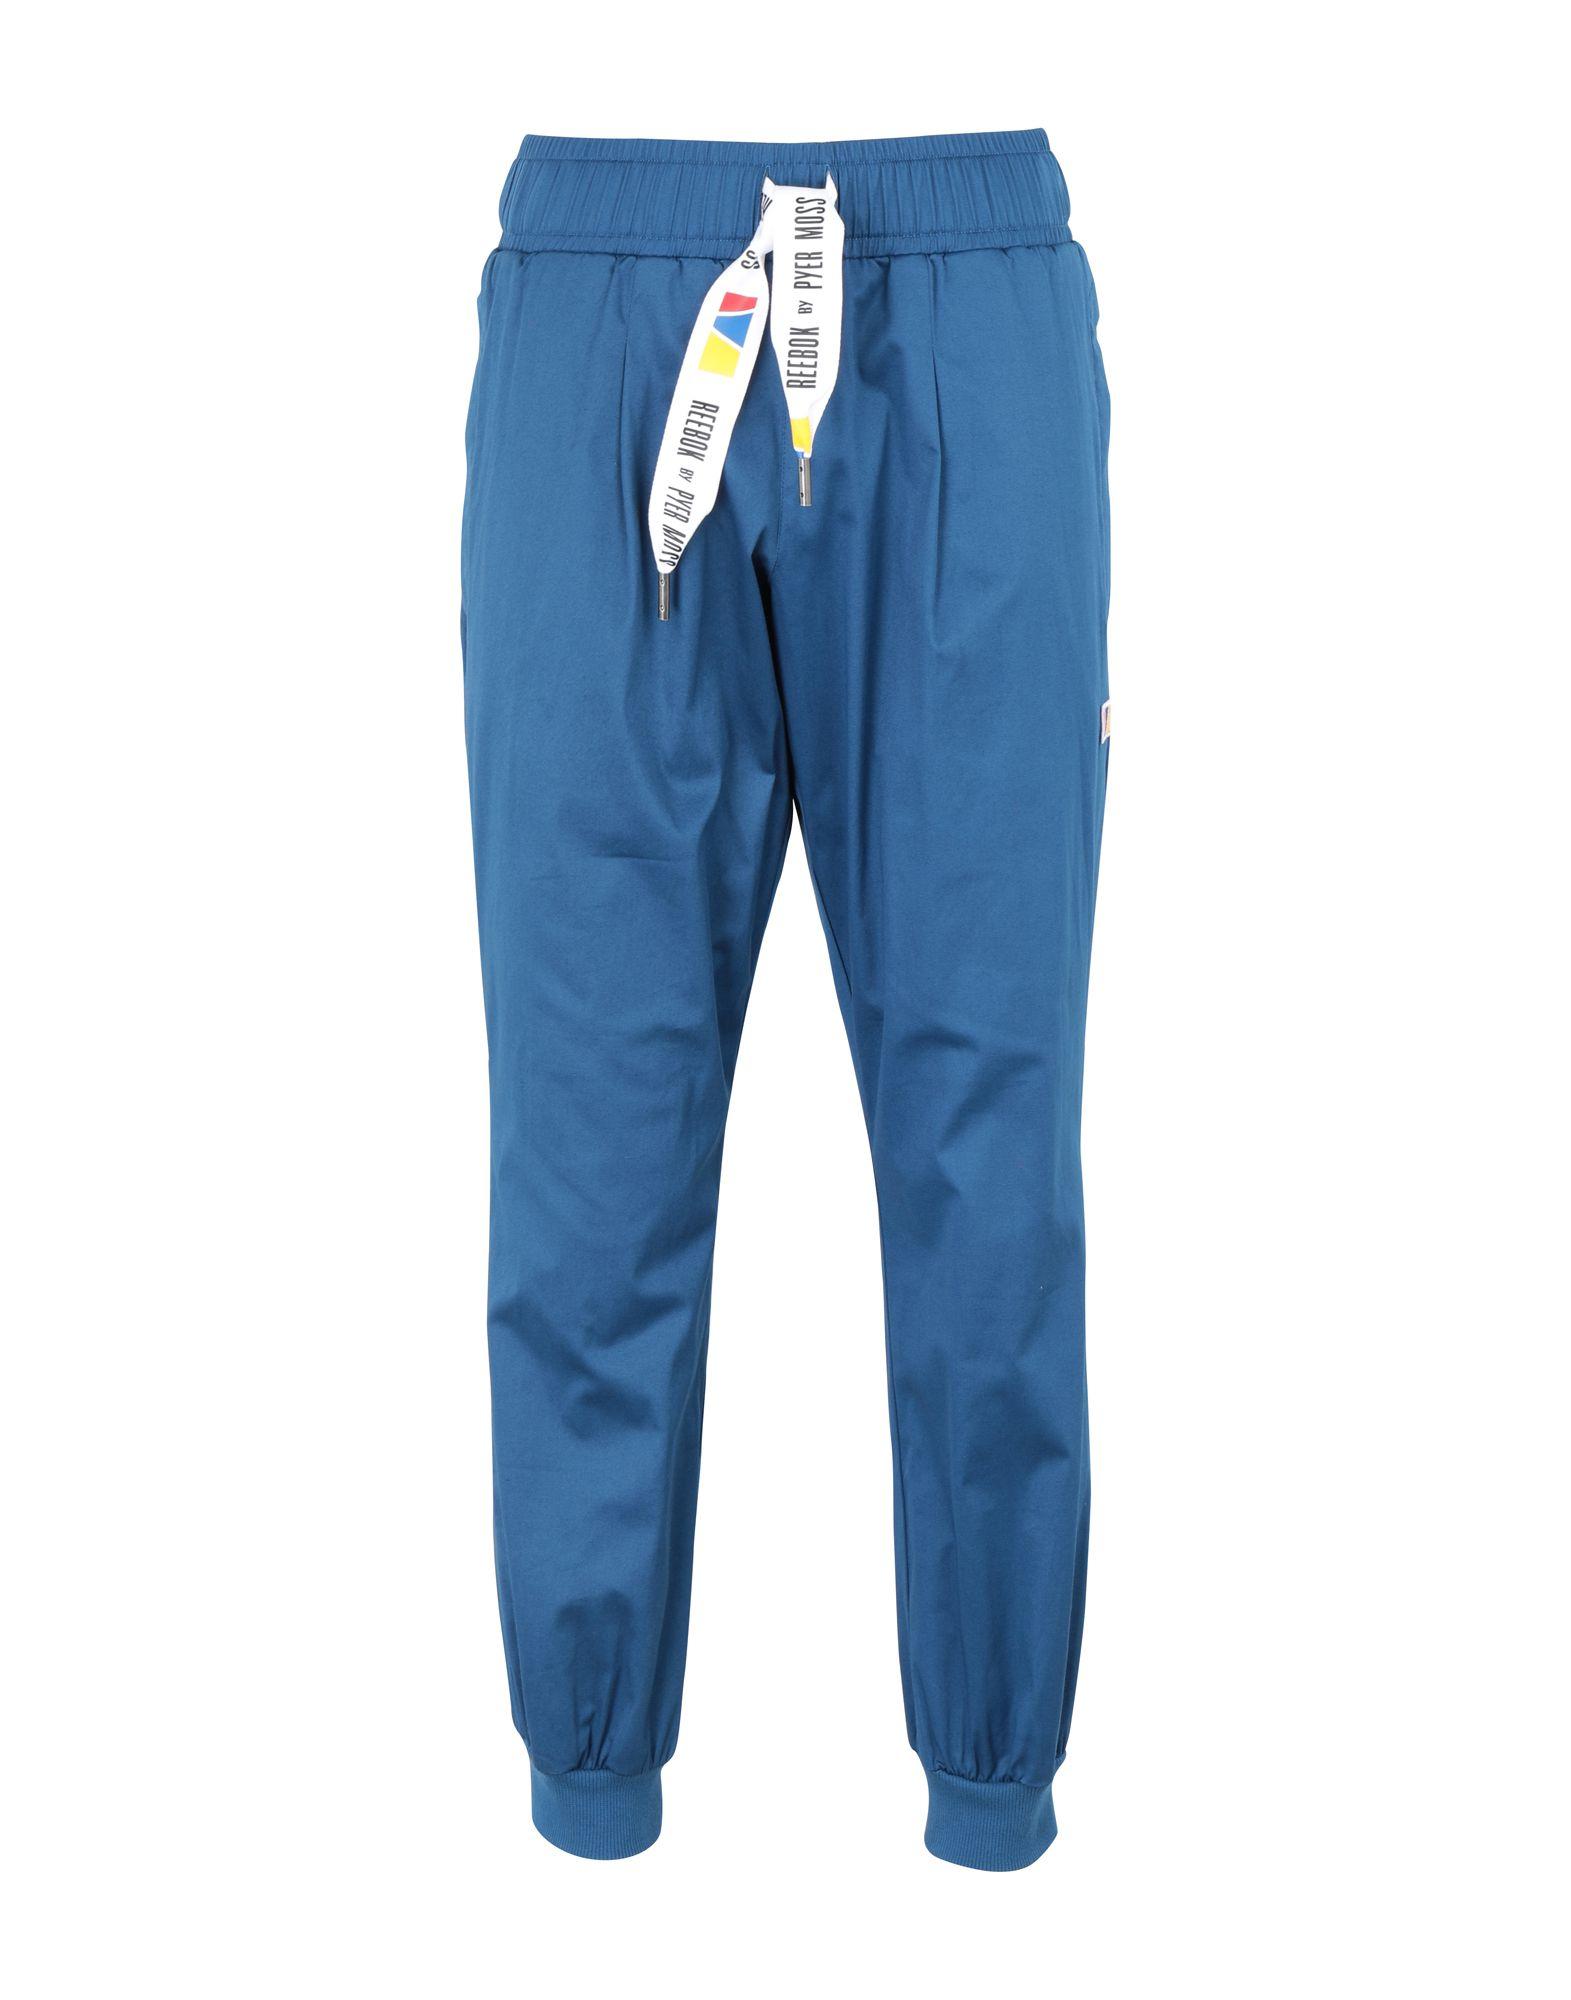 《送料無料》REEBOK x PYER MOSS メンズ パンツ ブルー S コットン 95% / ポリウレタン 5% RCxPM Twill Jogger